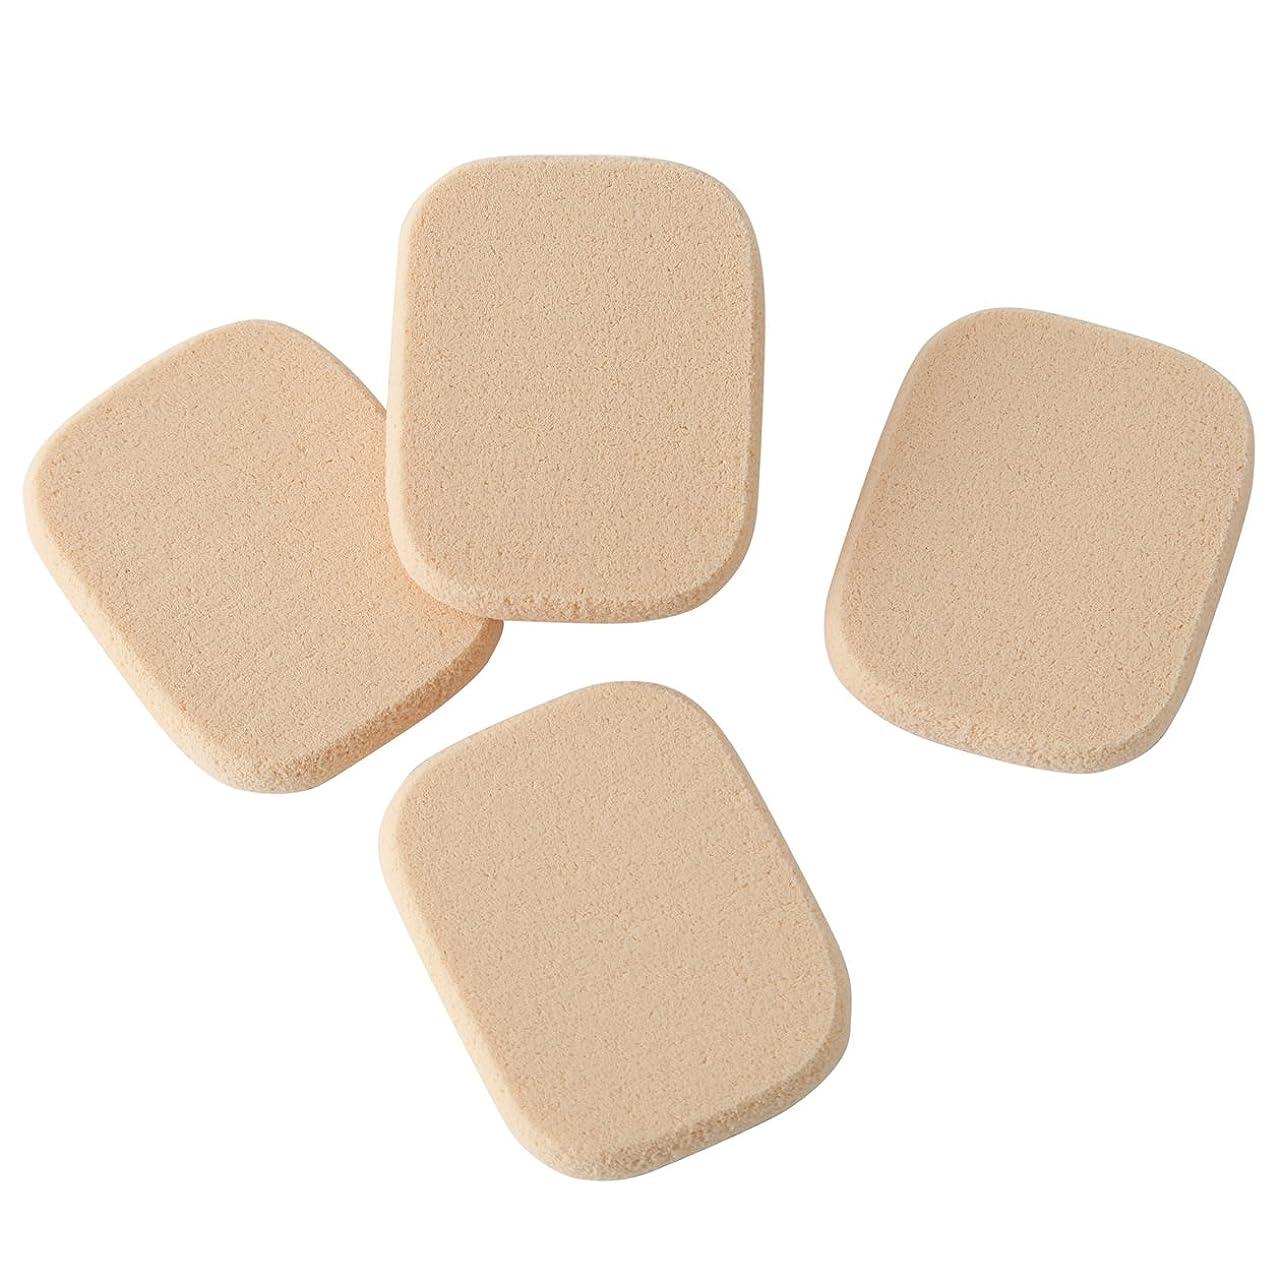 砂の温帯起きる無印良品 スポンジパフ 4個入 日本製